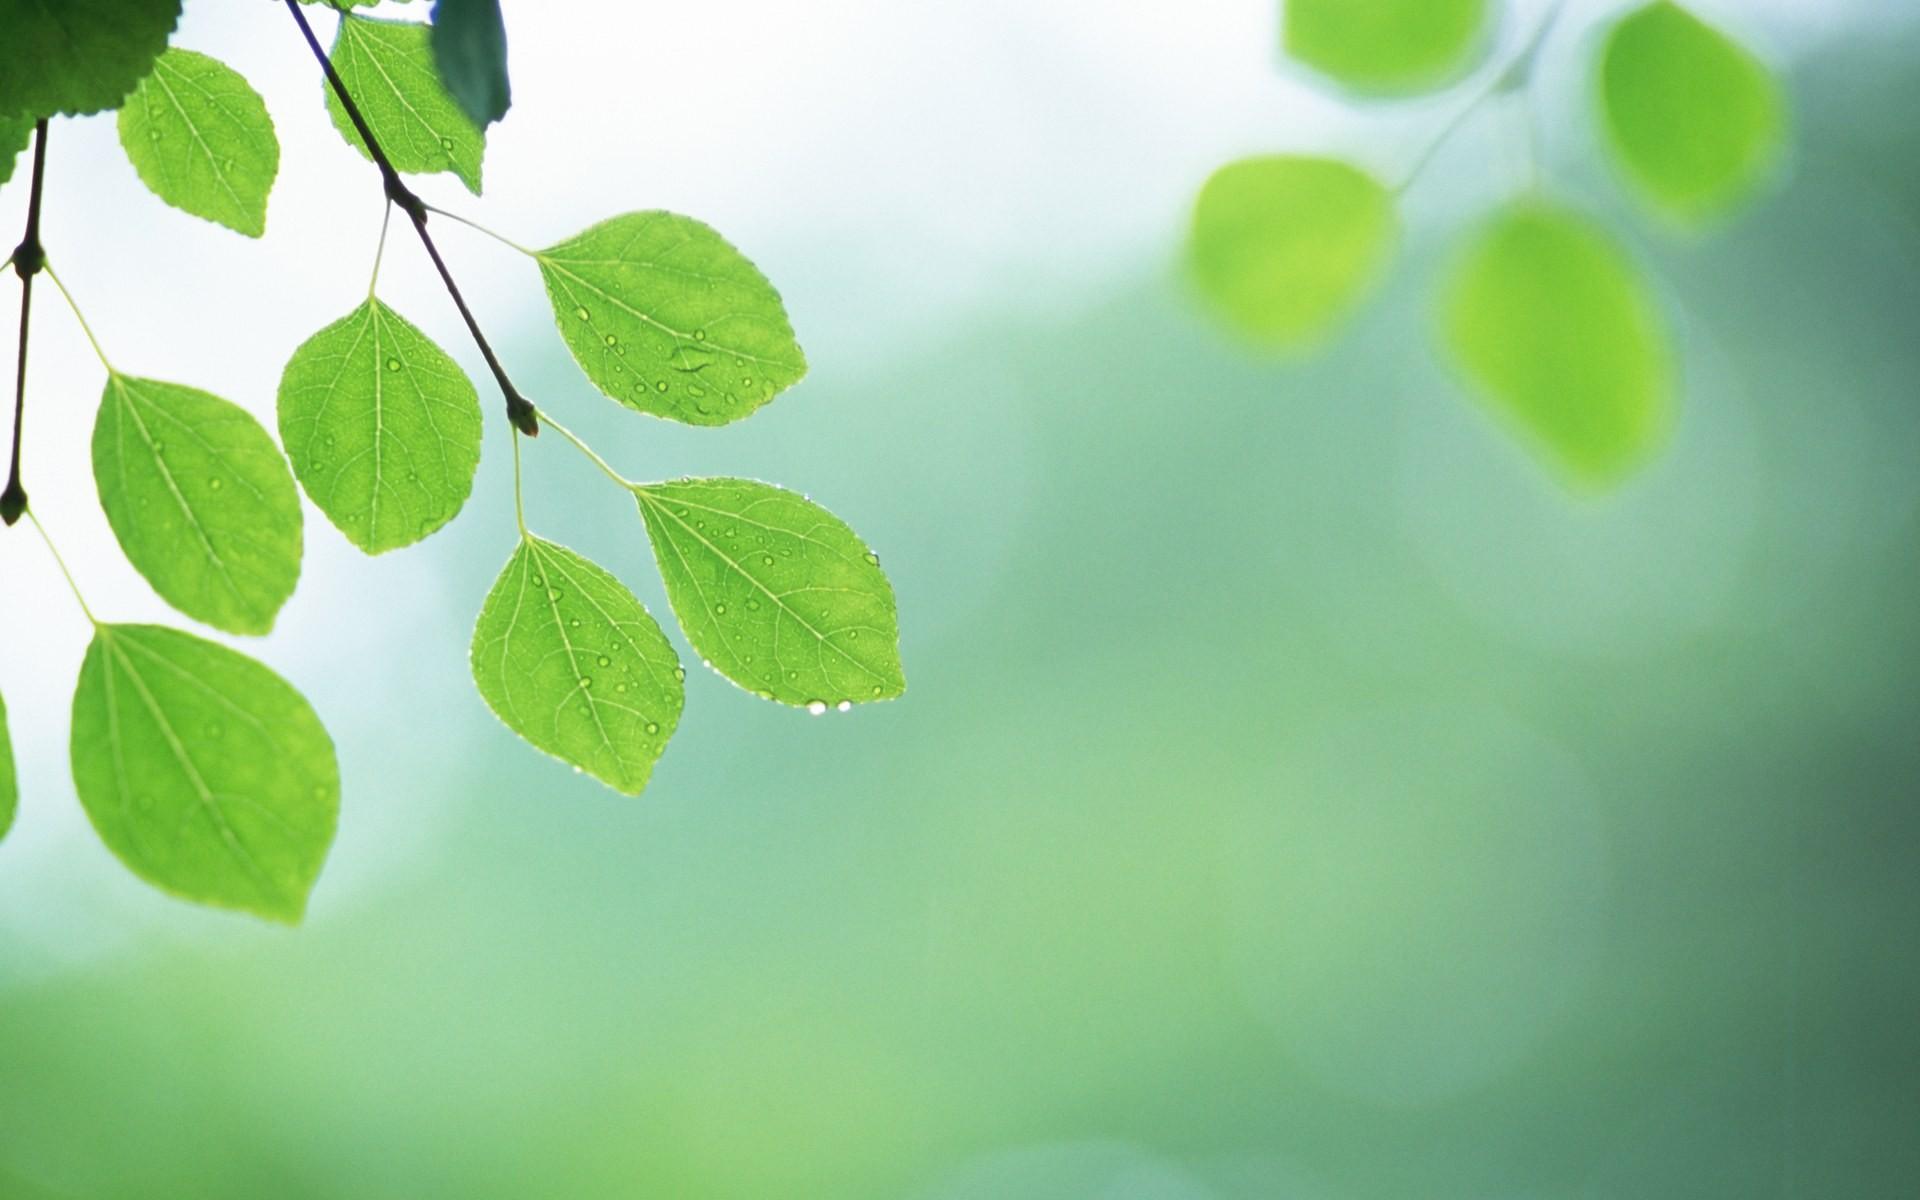 Fondos De Hojas De Papel: Frescas Hojas De Papel Tapiz Verde (2) #3